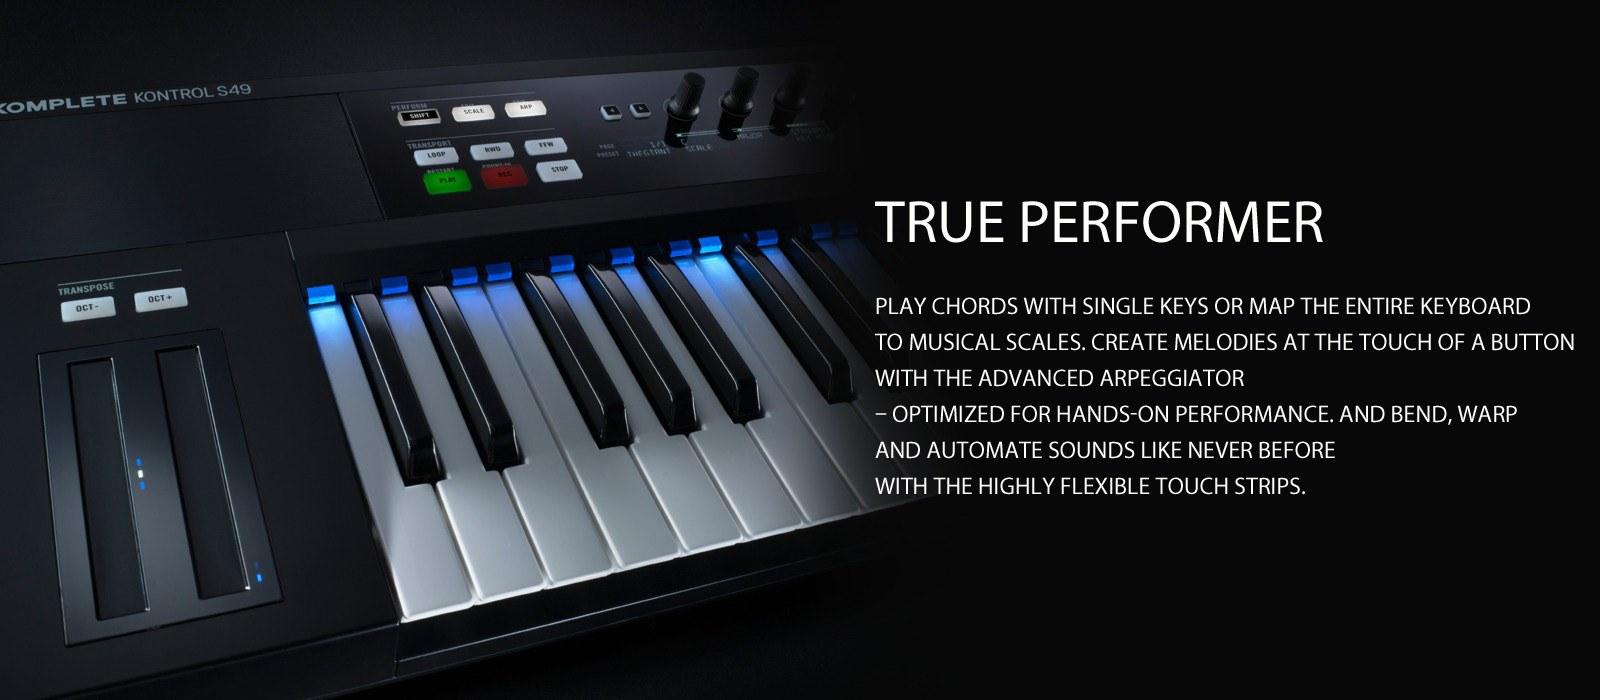 komplete kontrol - true performer